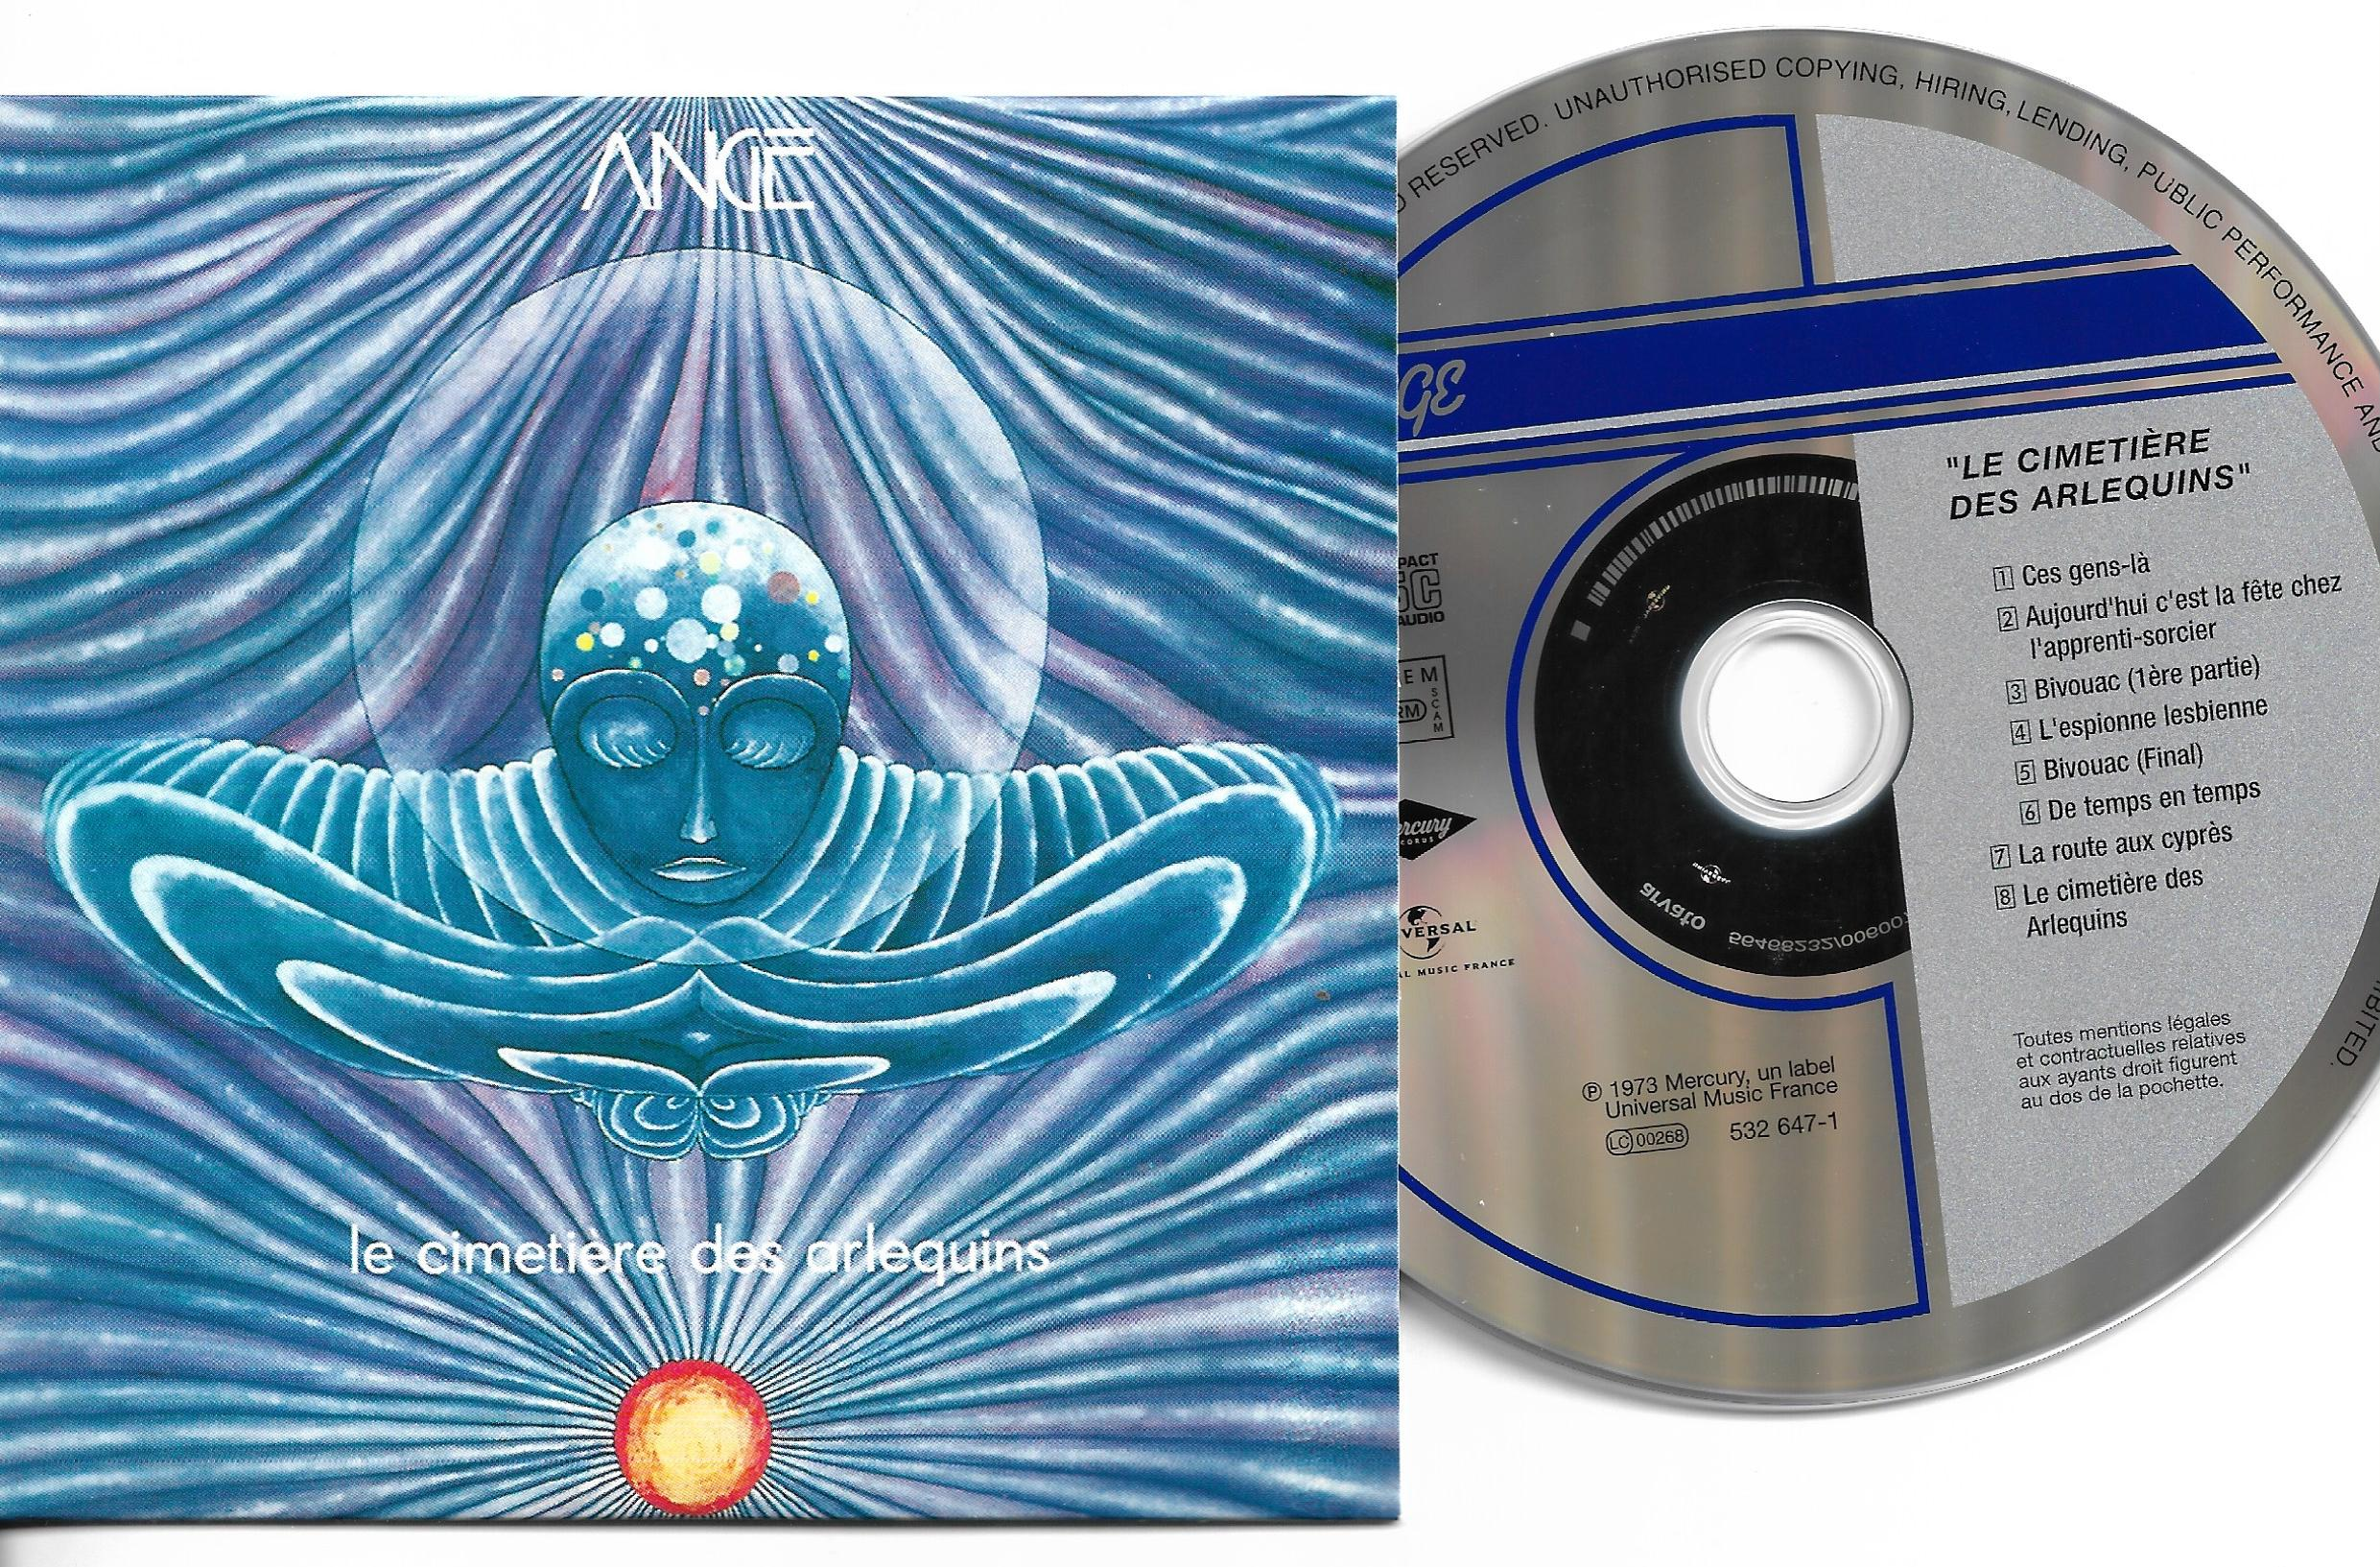 ANGE - Le cimetière des arlequins - MINI LP - 8-TRACK CARD SLEEVE - Pochette Cartonnée - CD